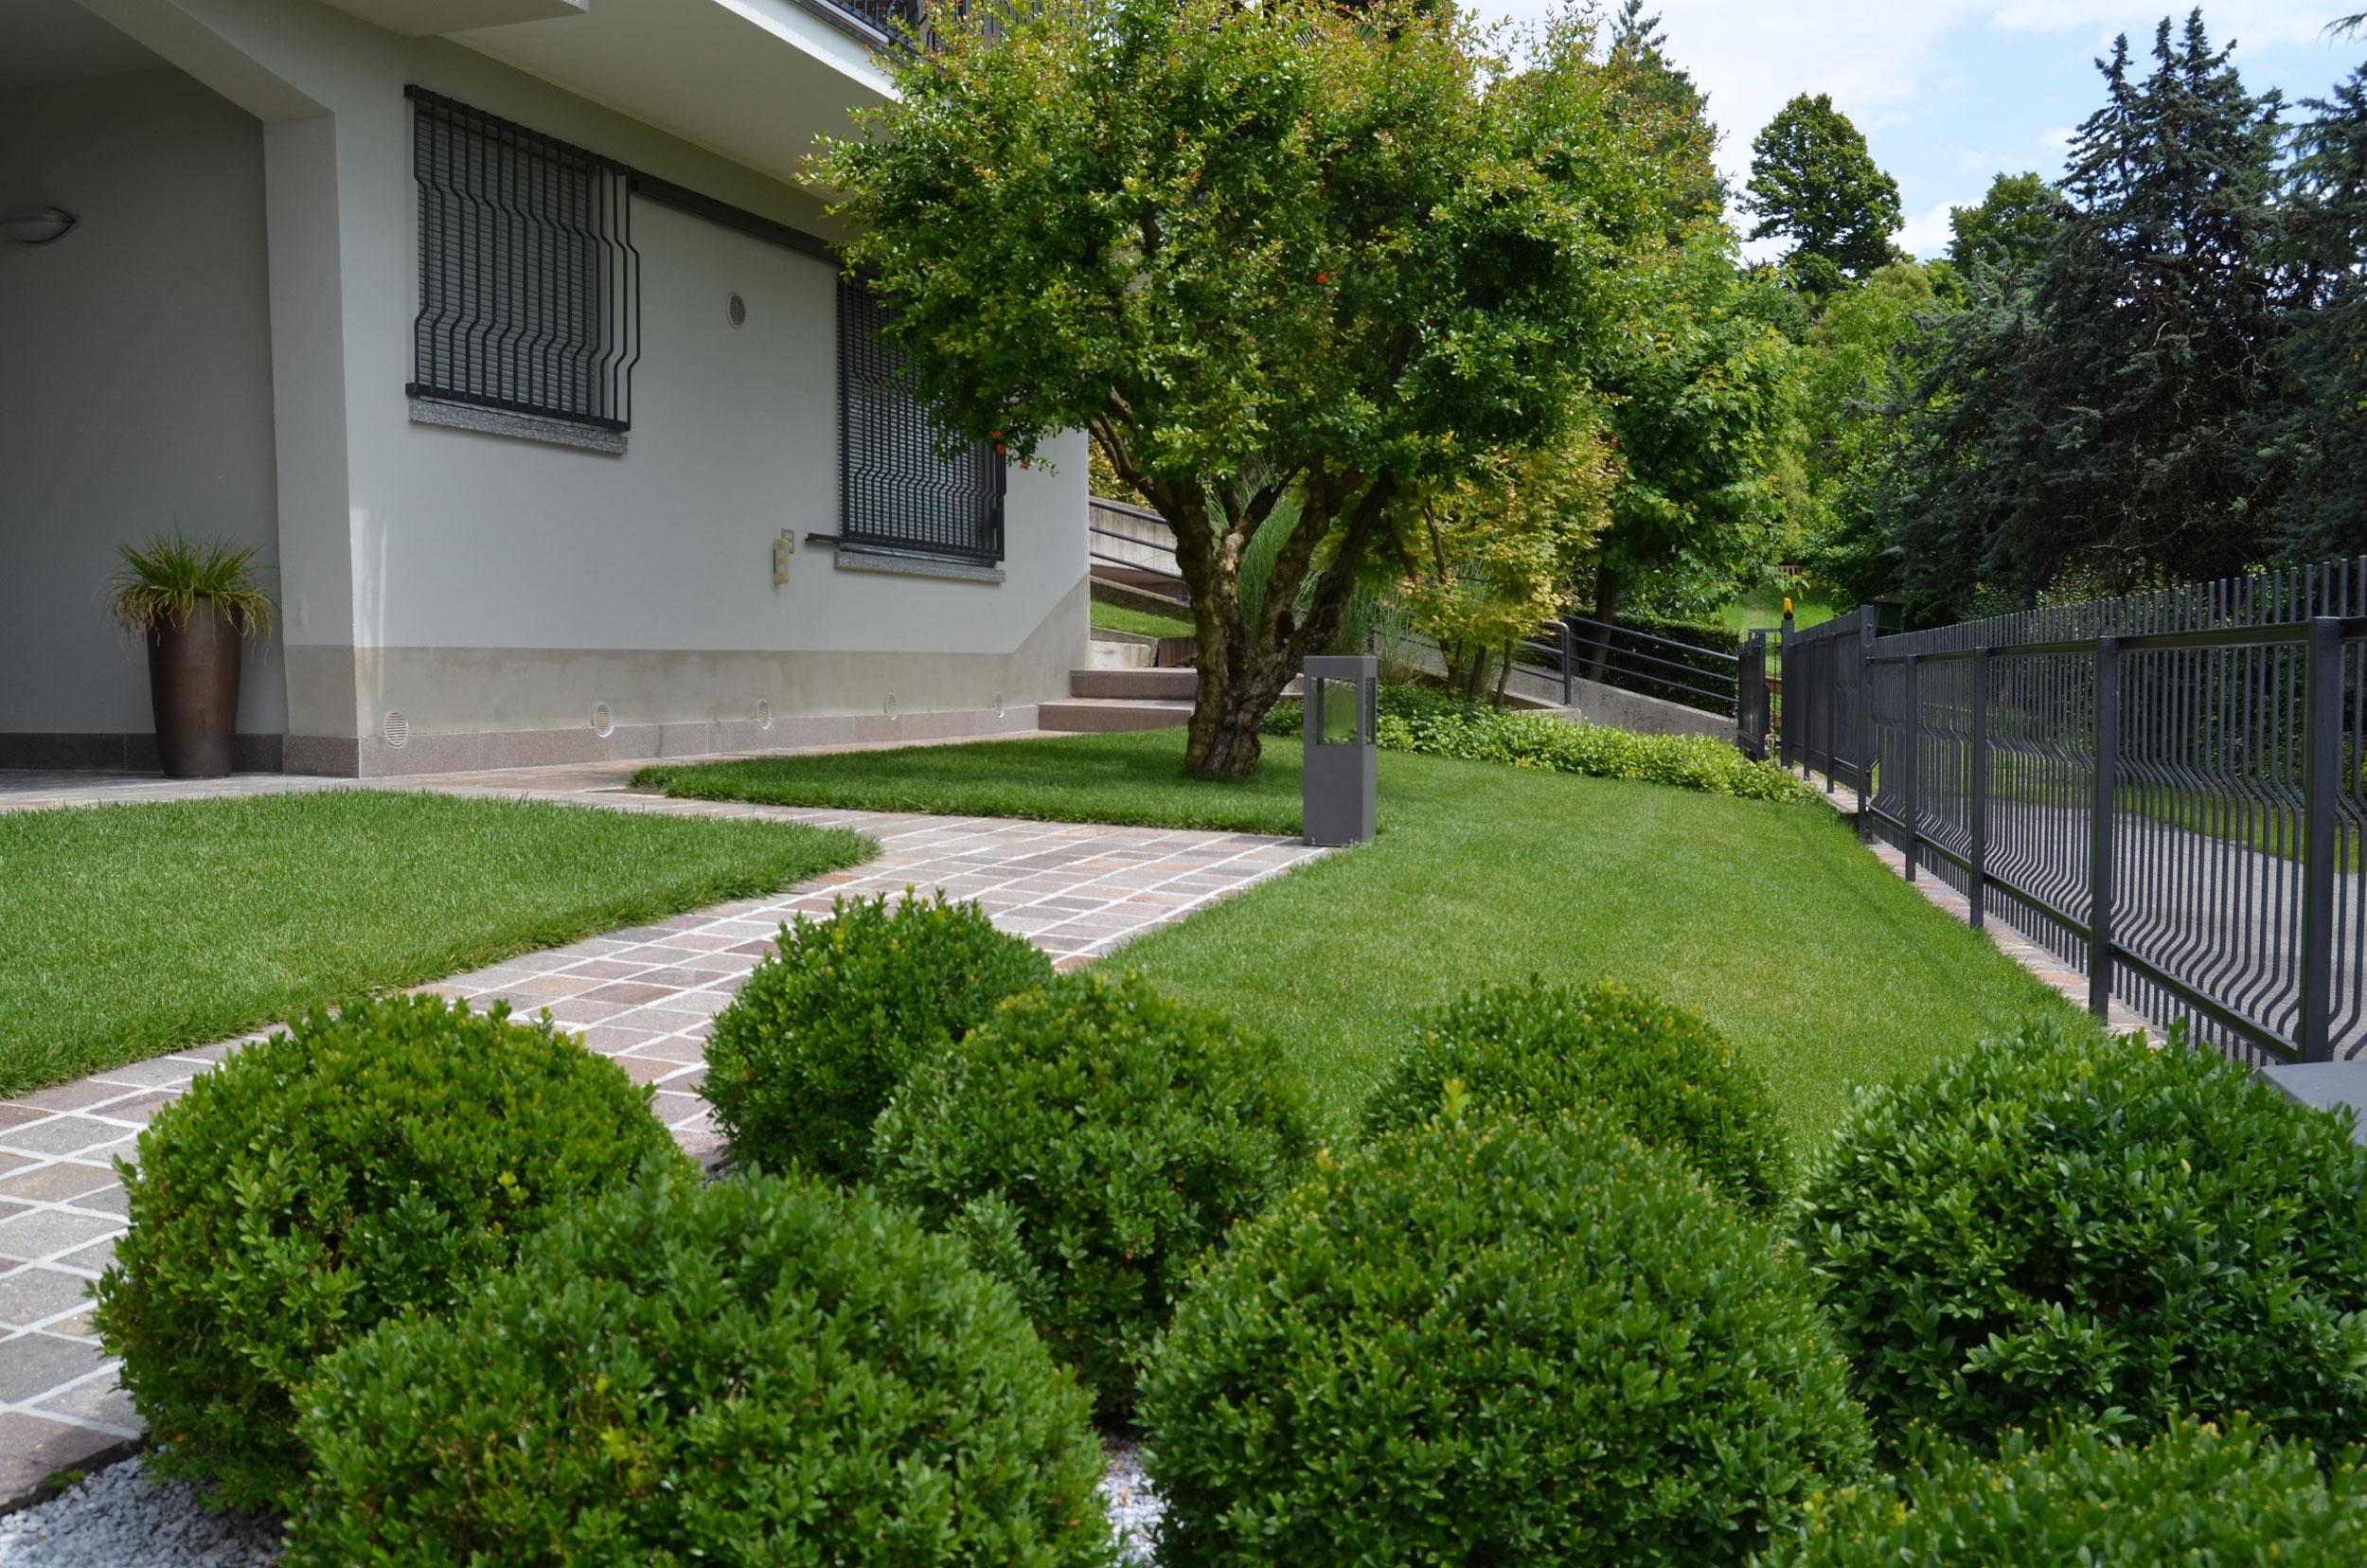 Progettazione giardini privati brescia matite verdi di for Giardini villette